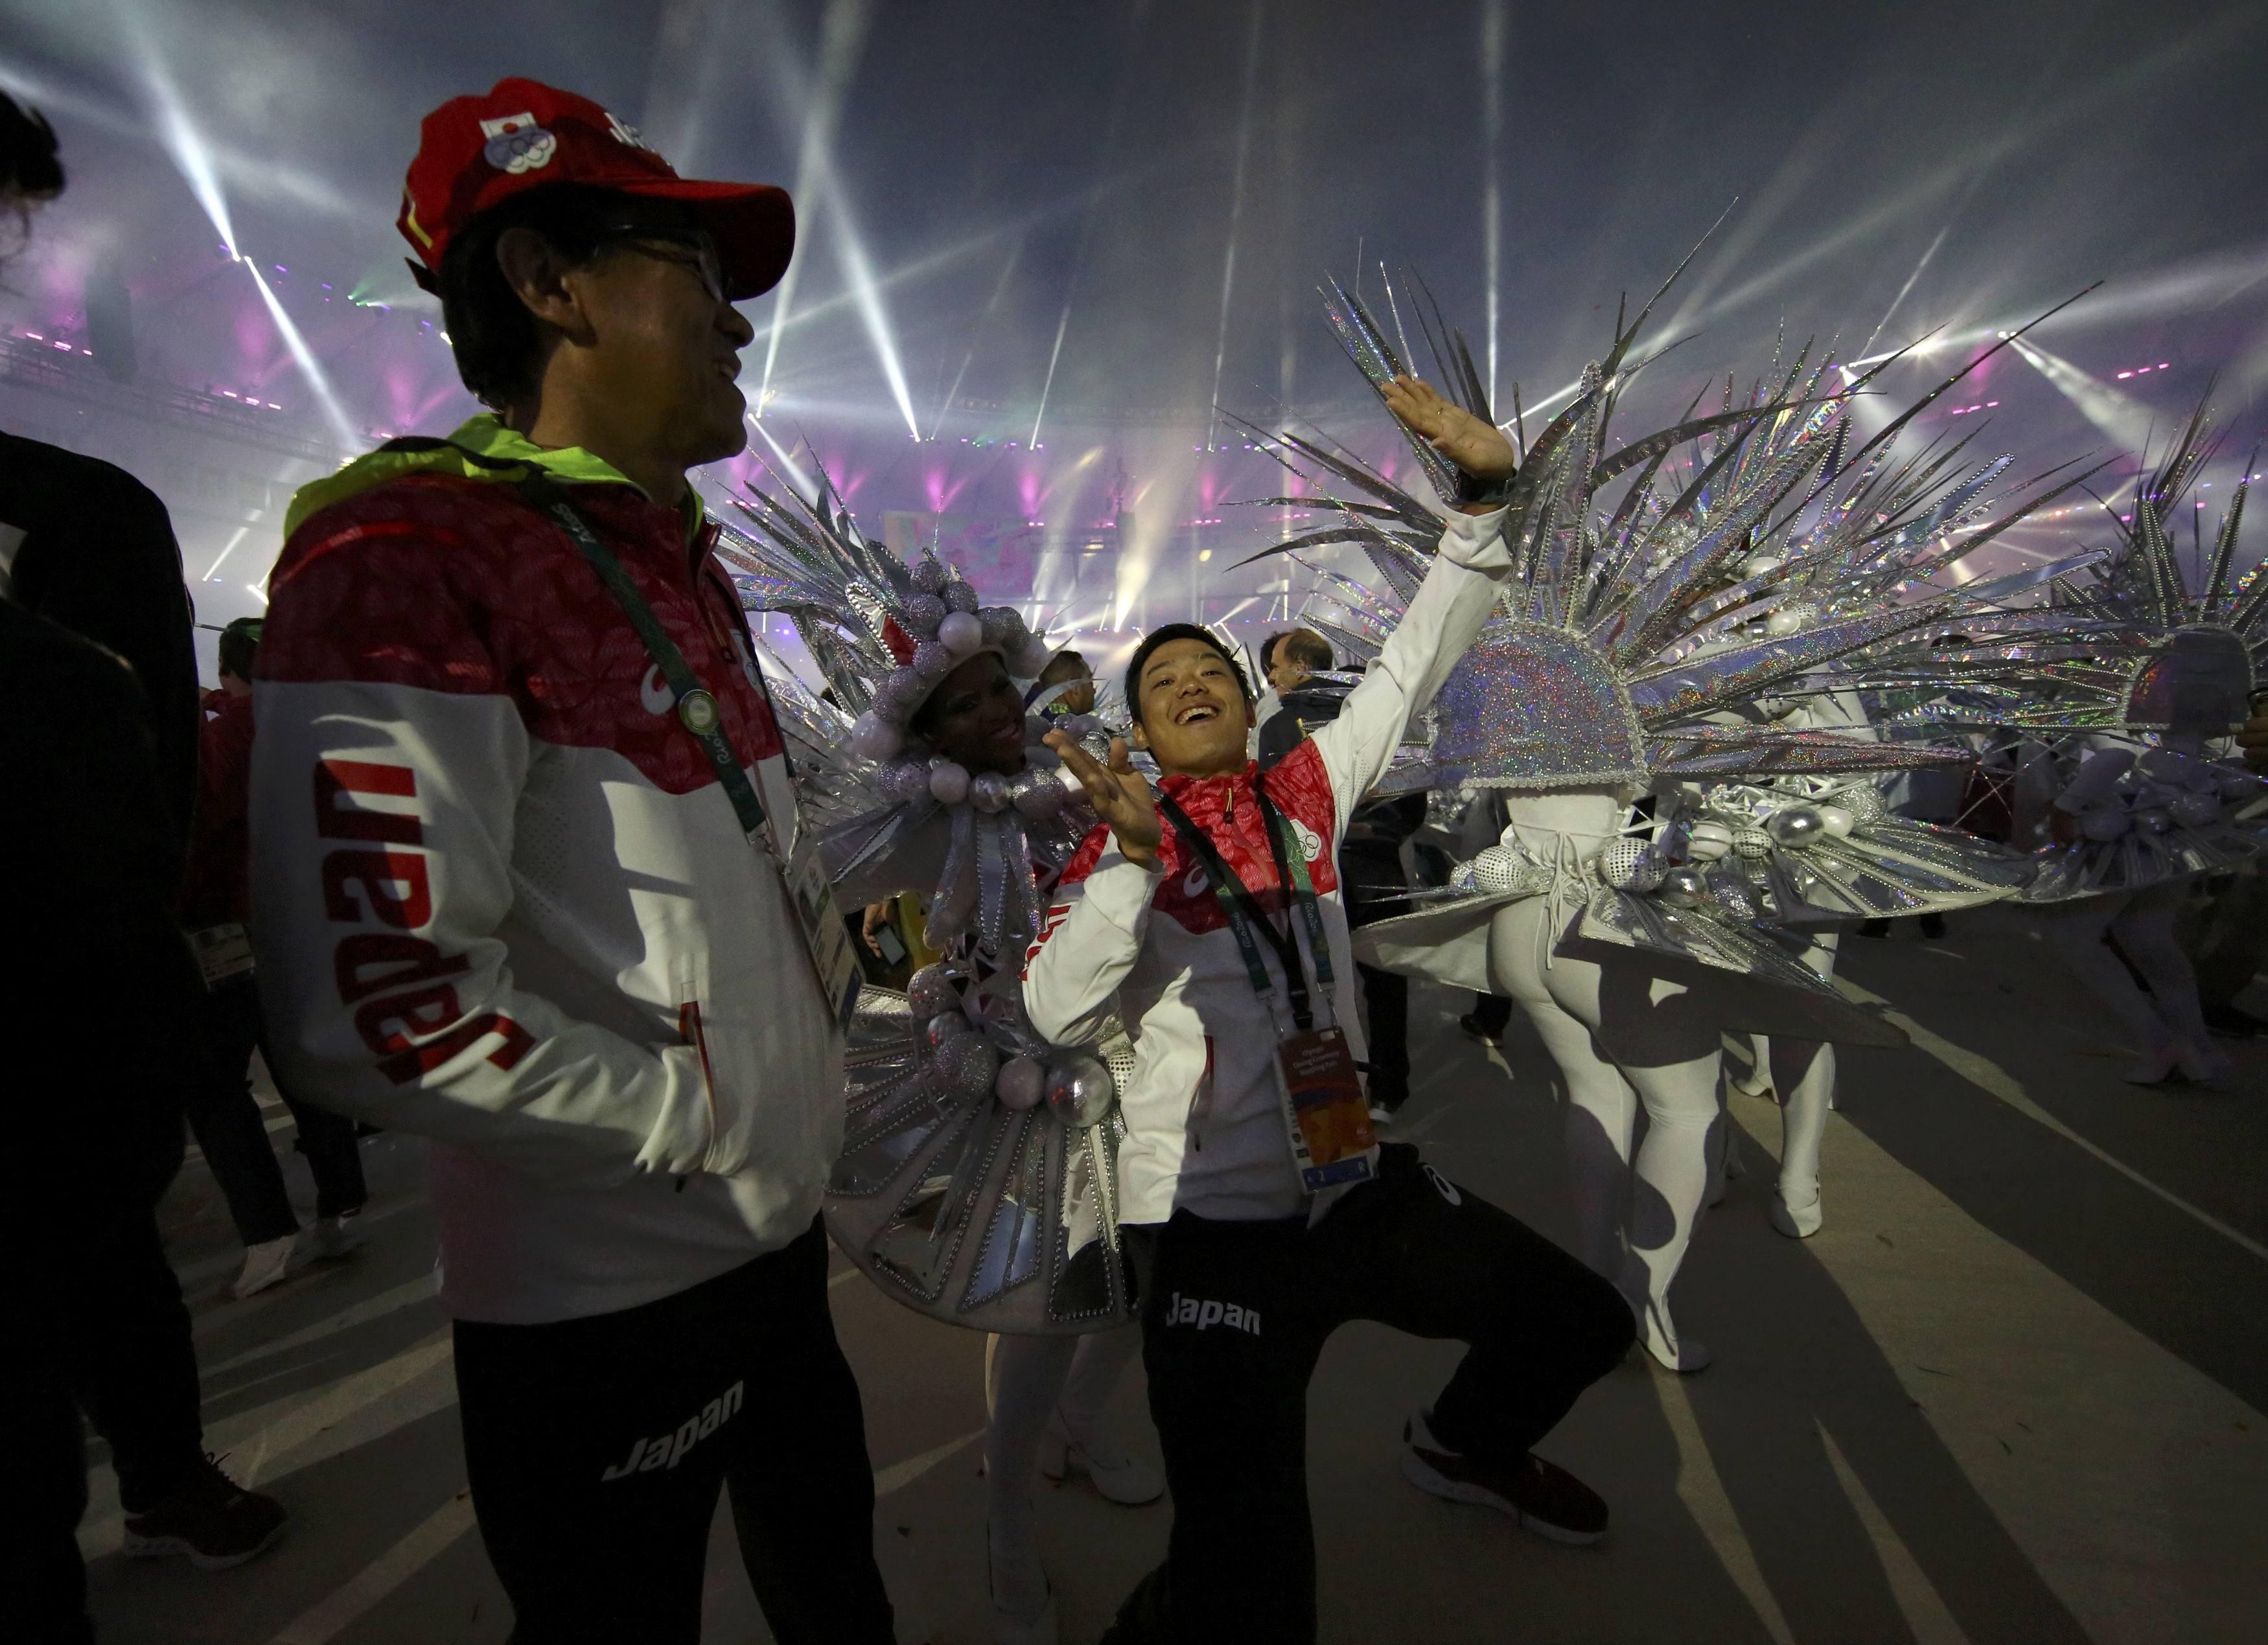 конечно приколы олимпиады рио фото цветной даже трехмерный